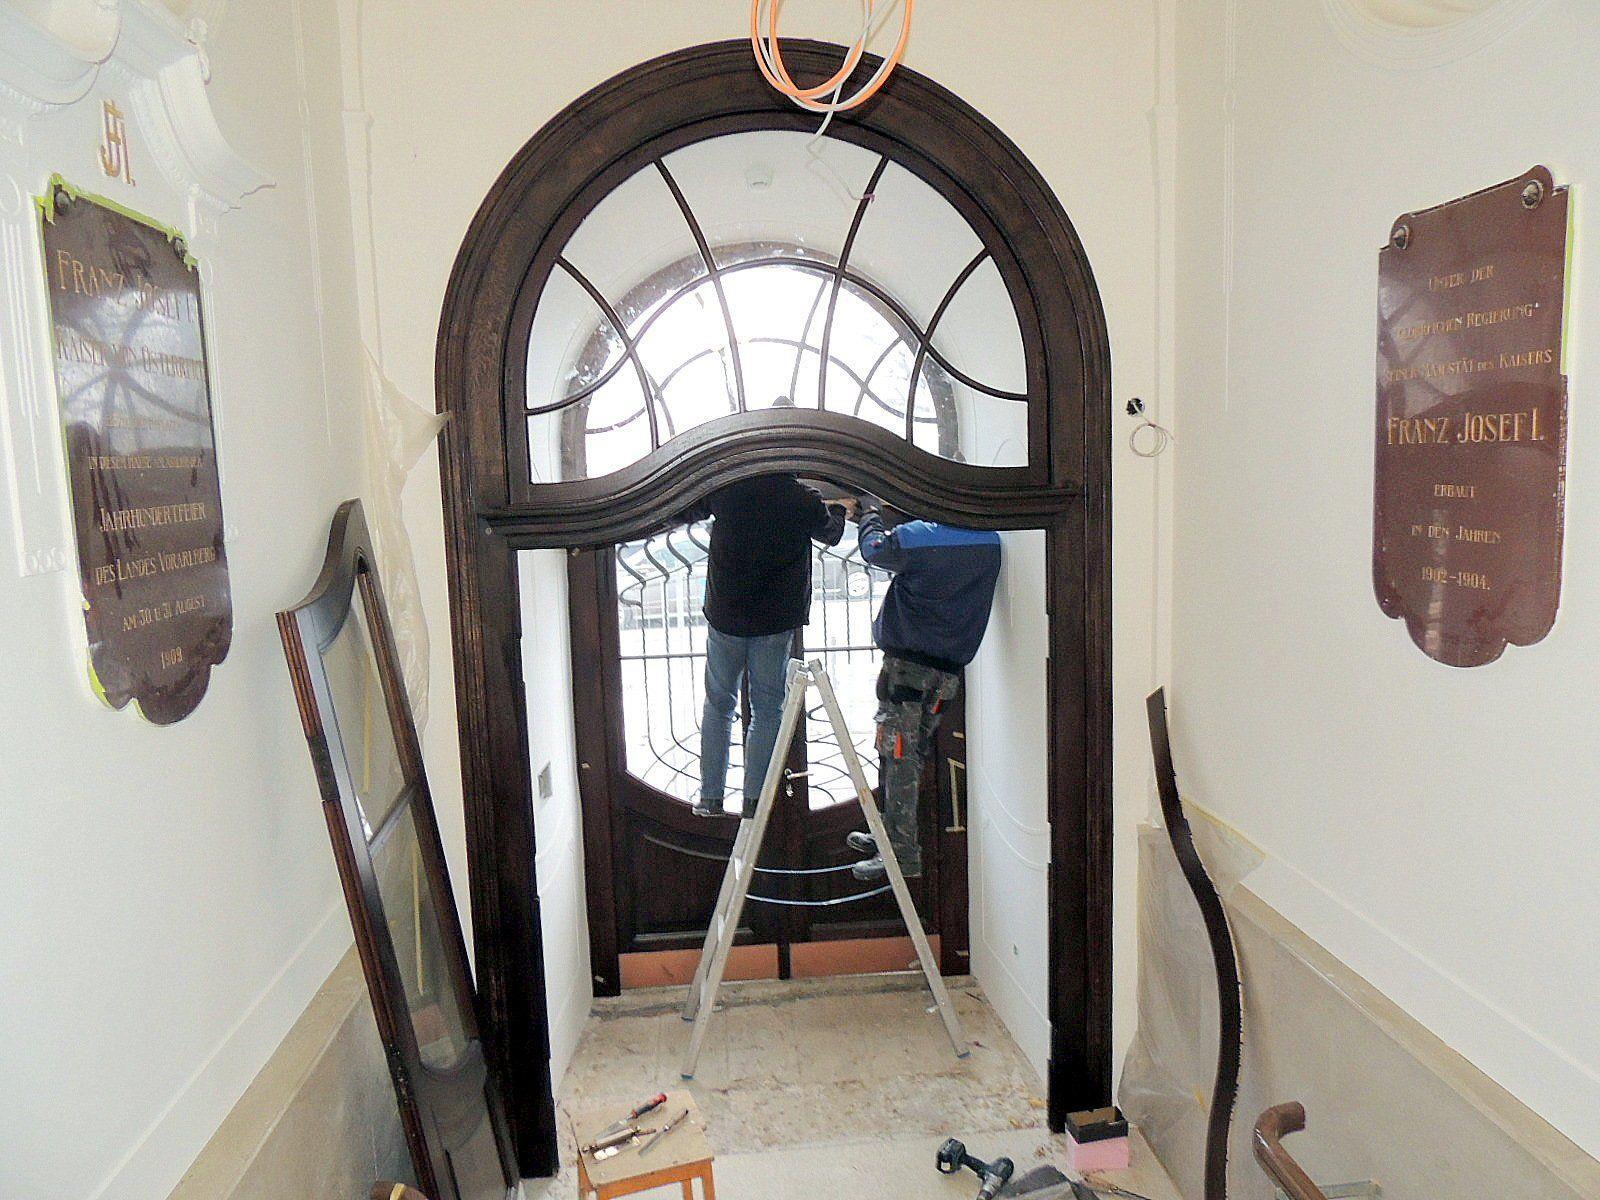 Mit großer Sorgfalt wird das  historischem Portal  renoviert